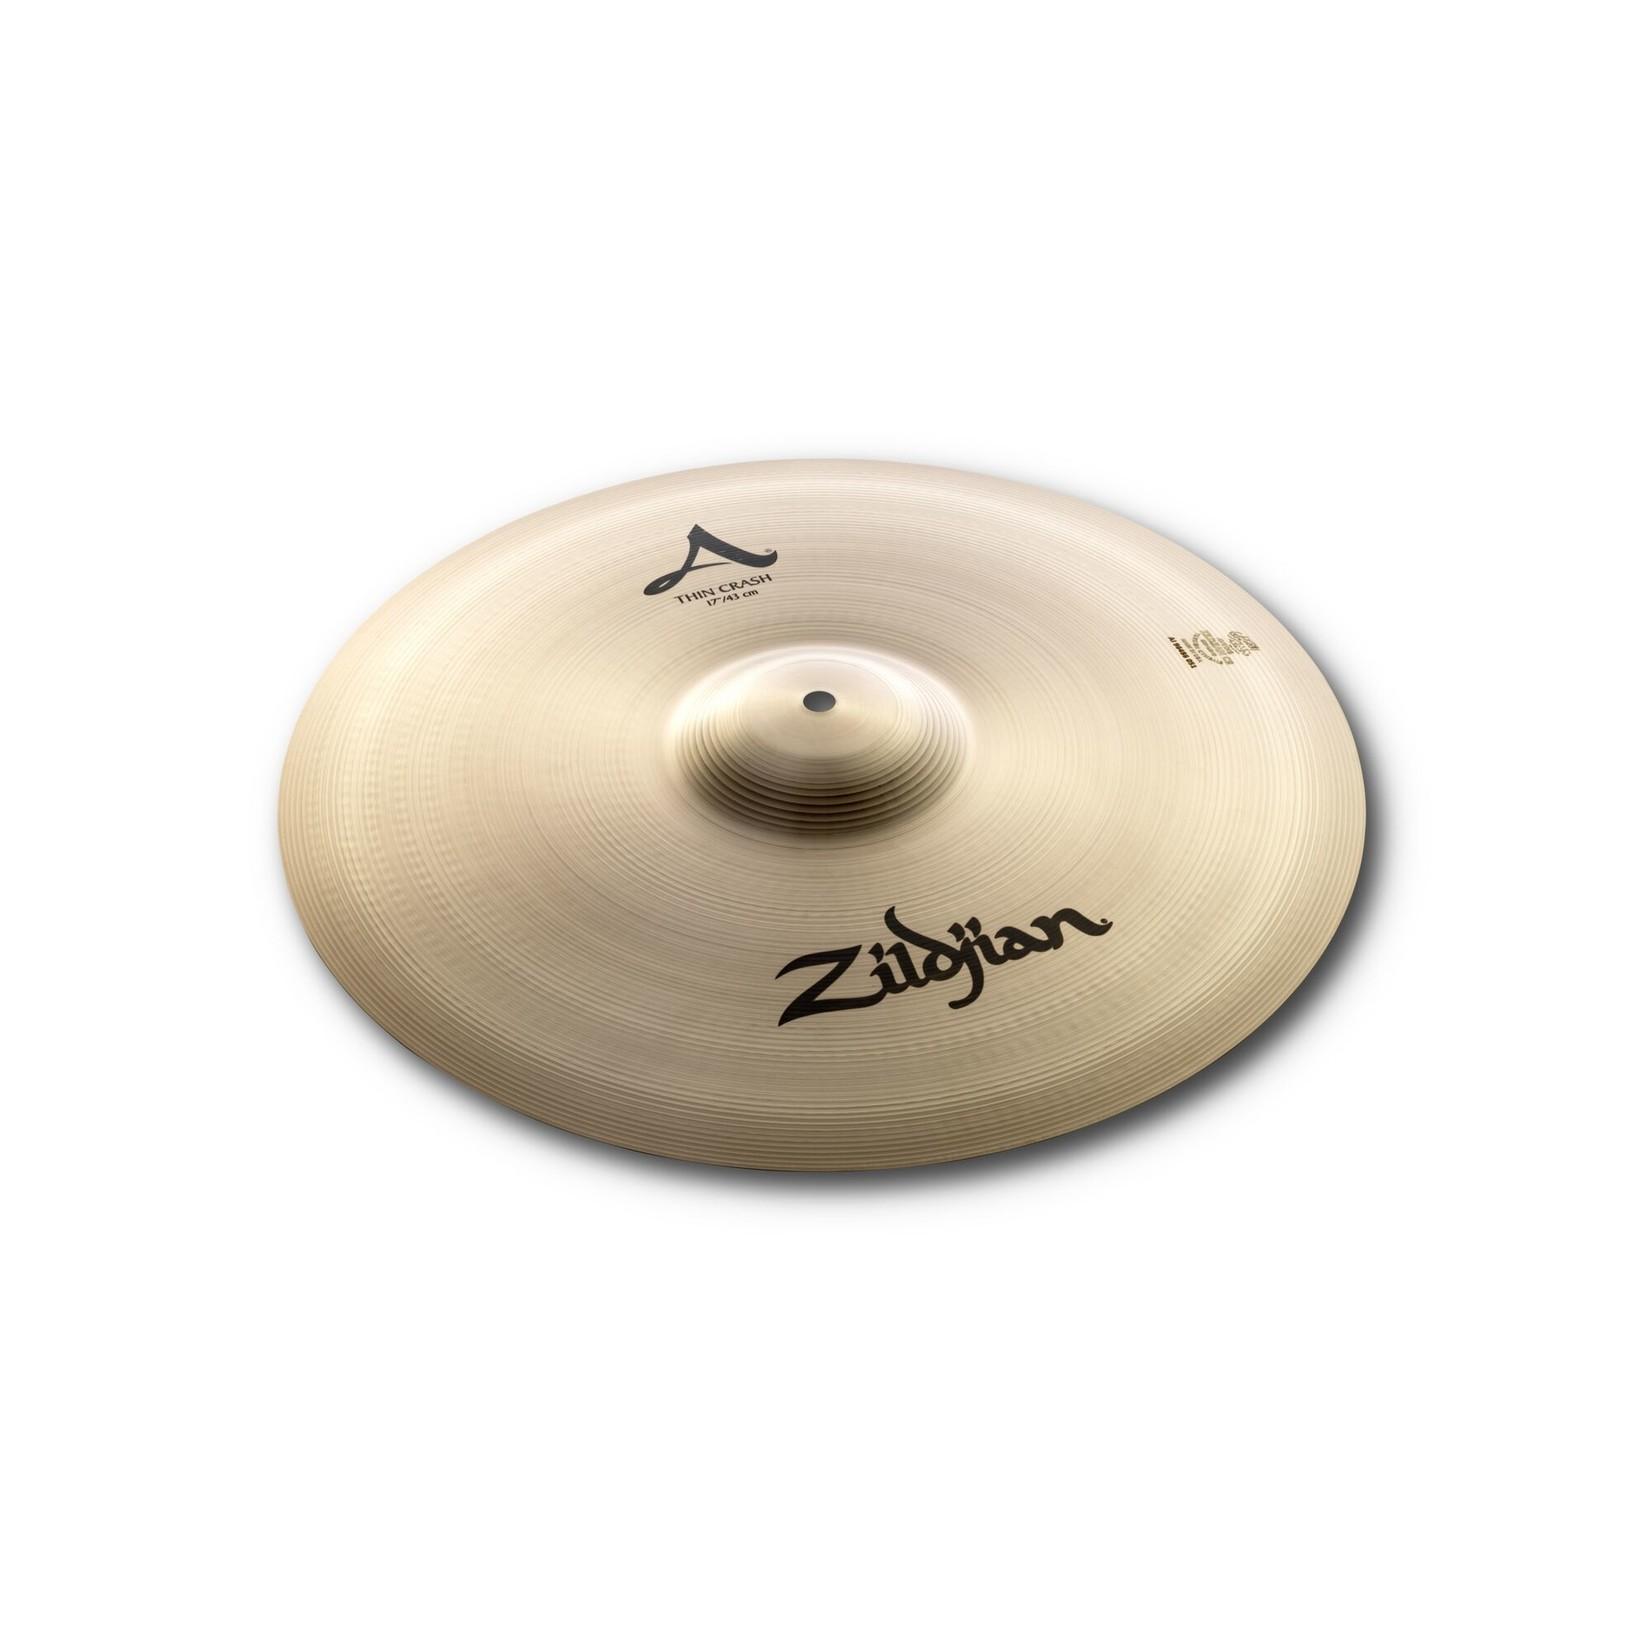 Zildjian Zildjian 17'' A Zildjian Thin Crash